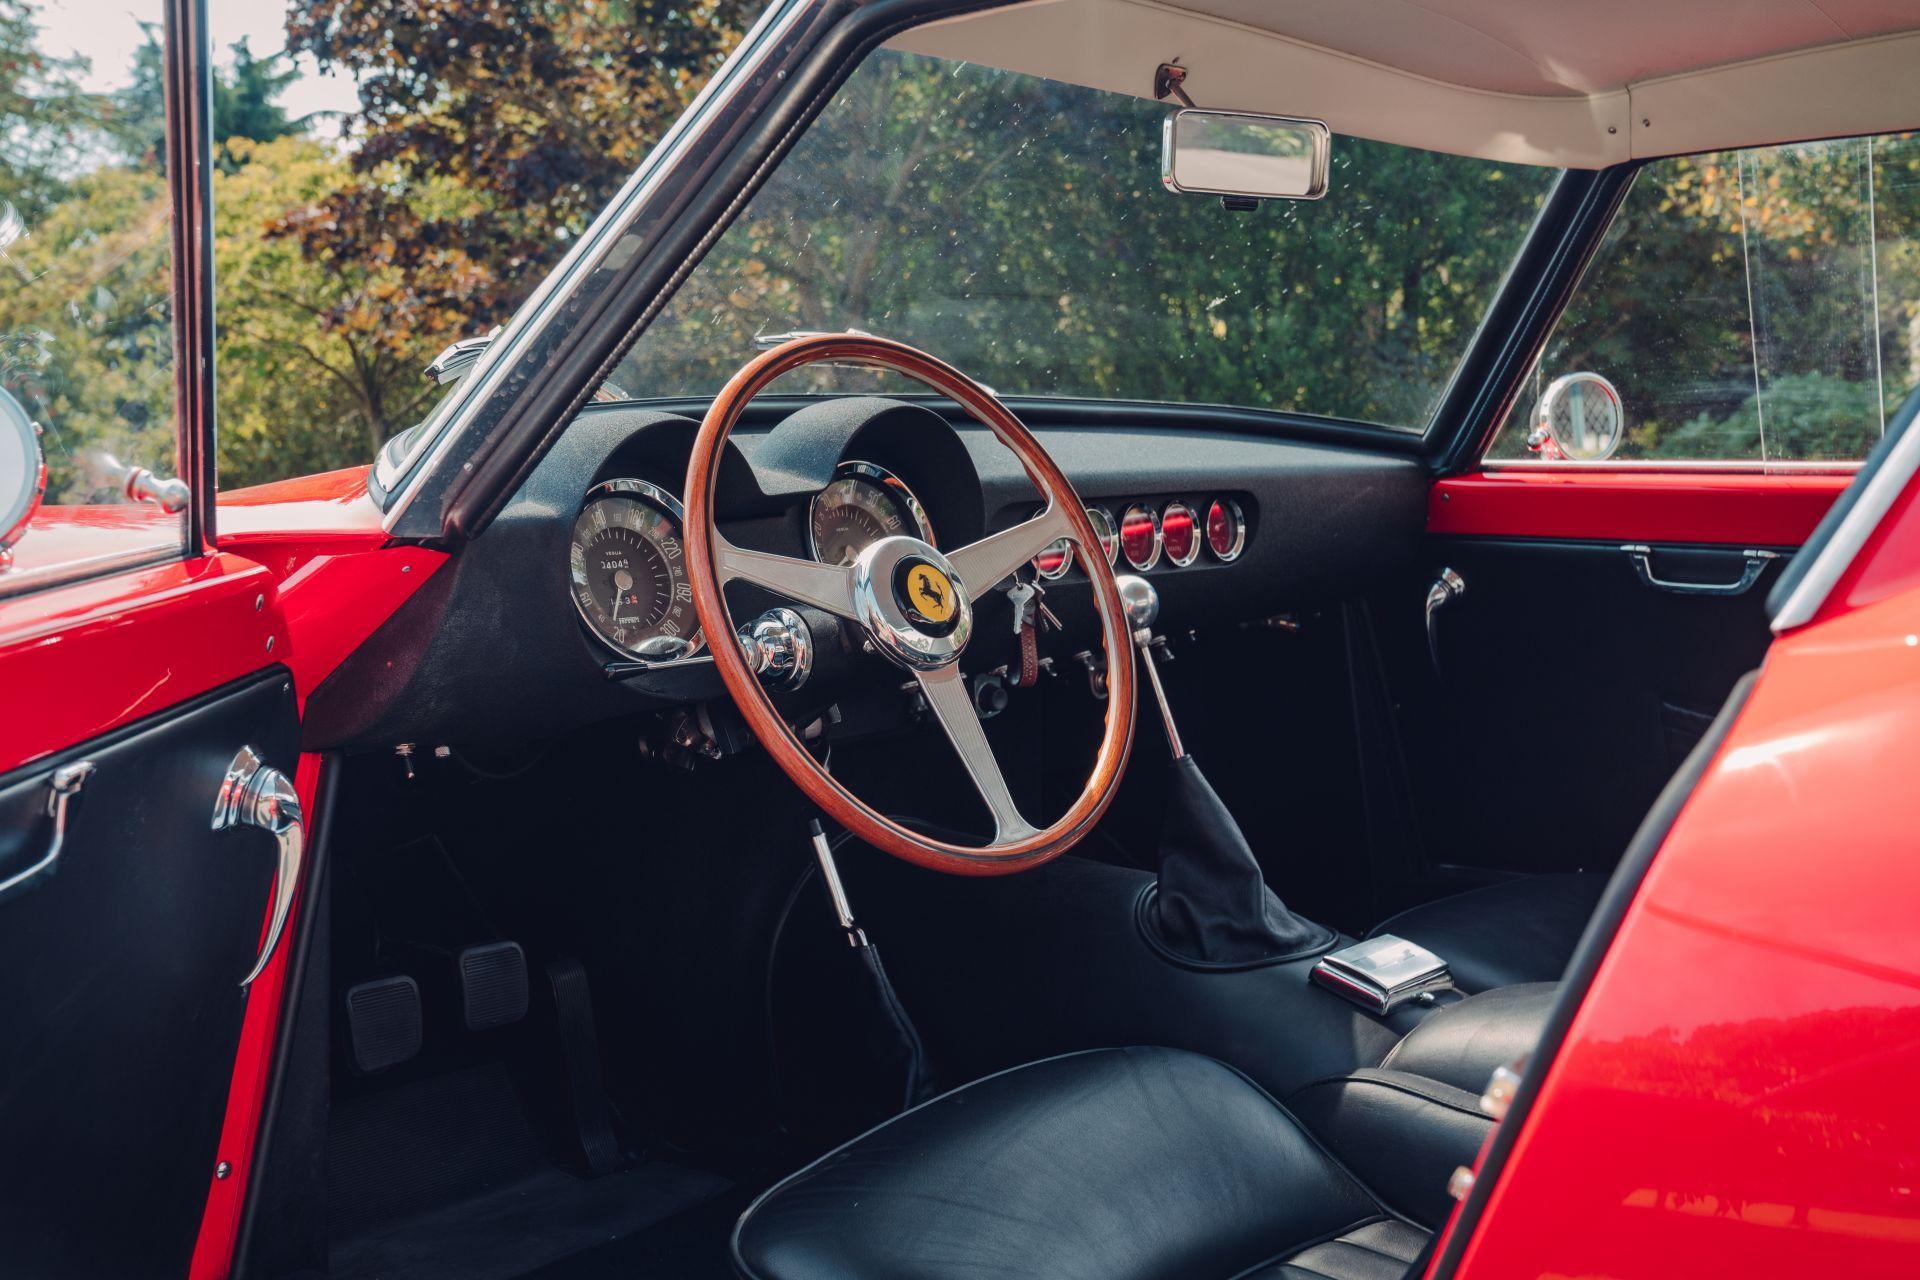 Ferrari-250-GT-SWB-Berlinetta-Competizione-Revival-by-GTO-Engineering-27